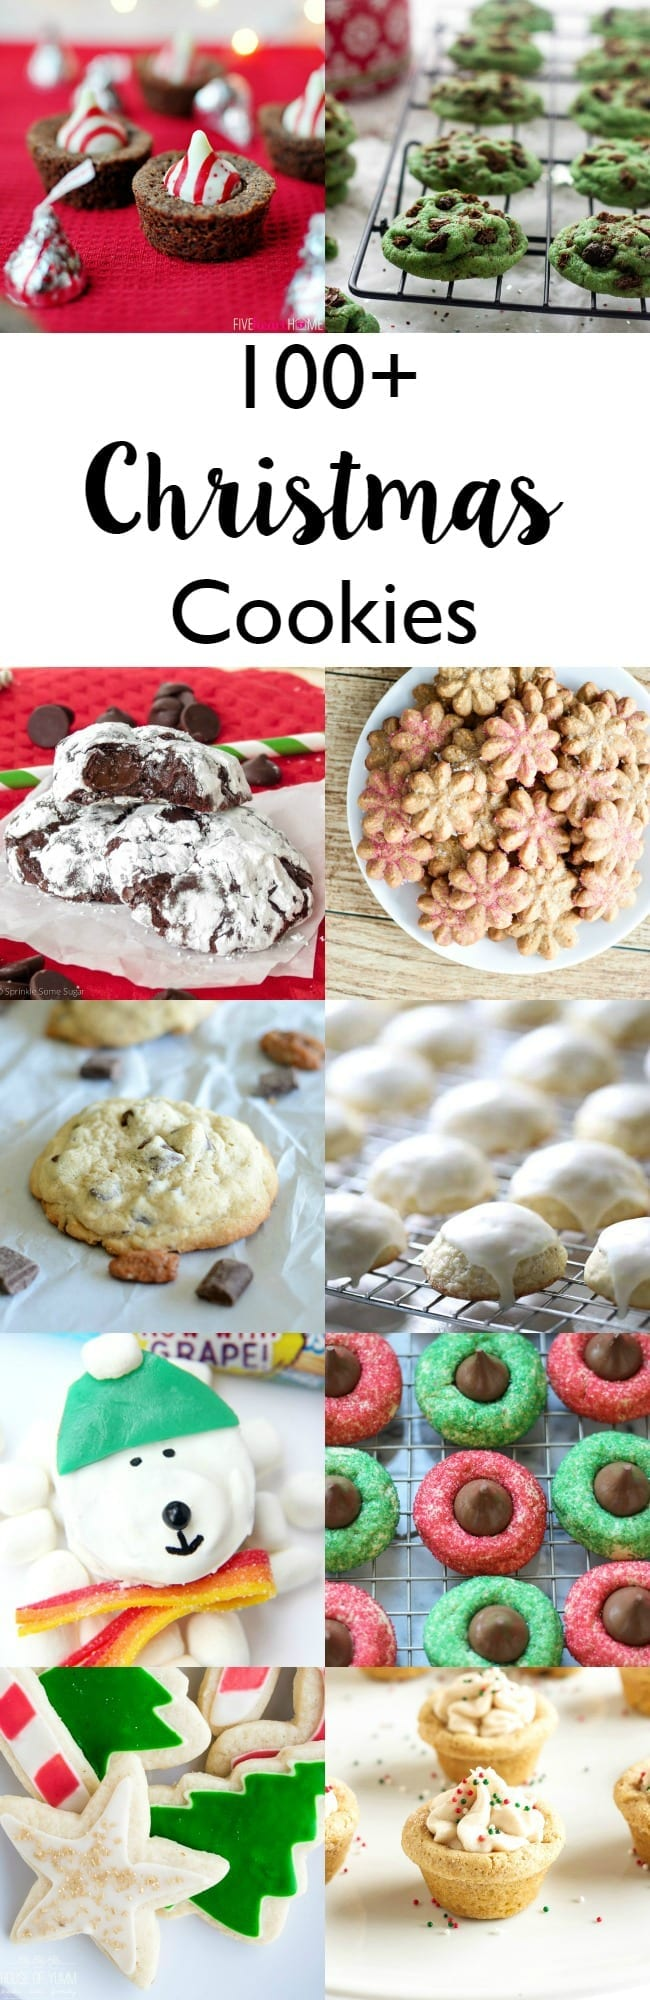 100 plus Christmas cookies